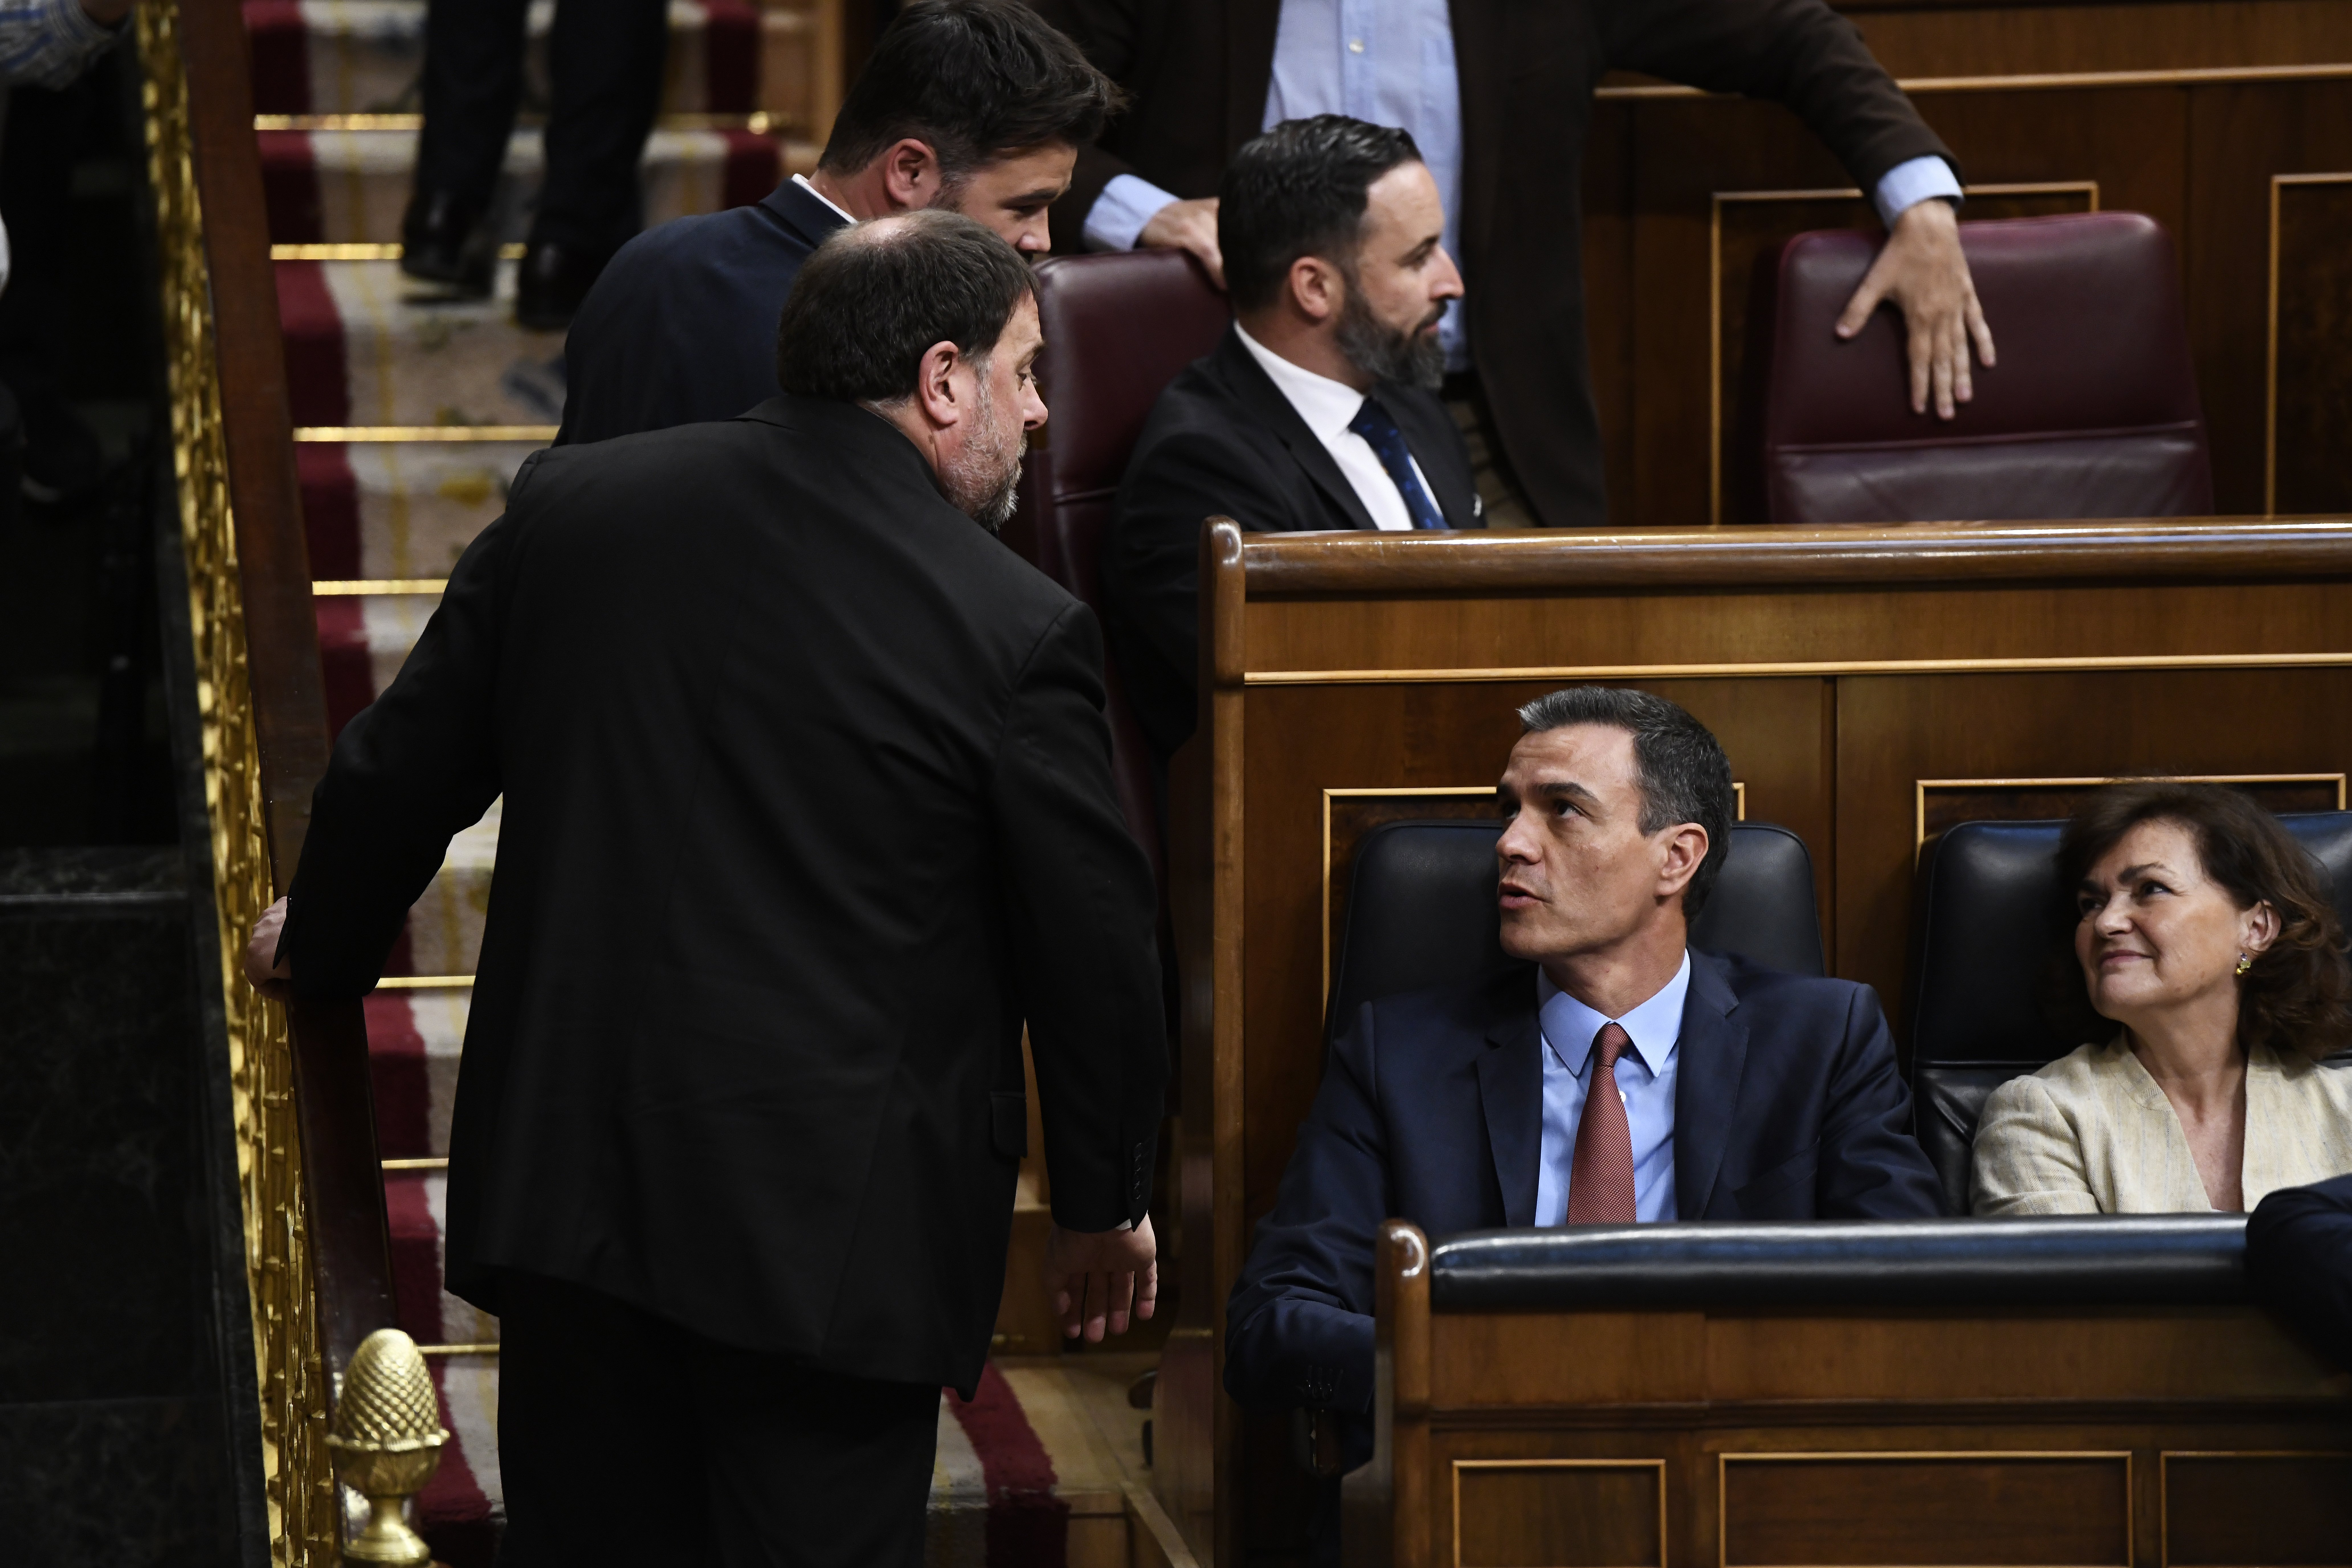 Cesiones frente a presiones. el Gobierno Sánchez transige ante el independentismo catalán